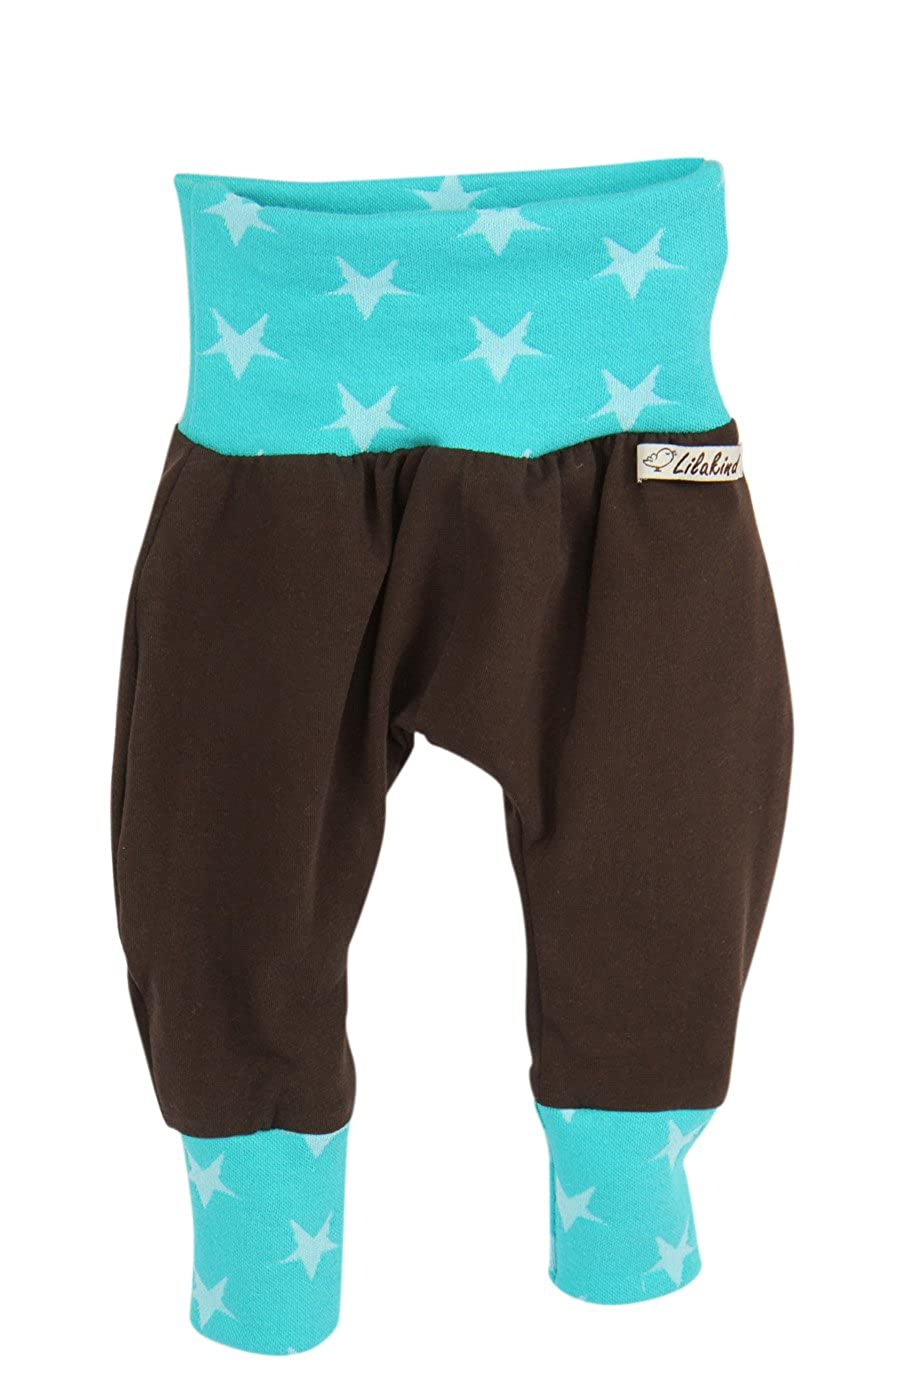 Lilakind Breite Pumphose Hose Babyhose Jersey mit Taschen